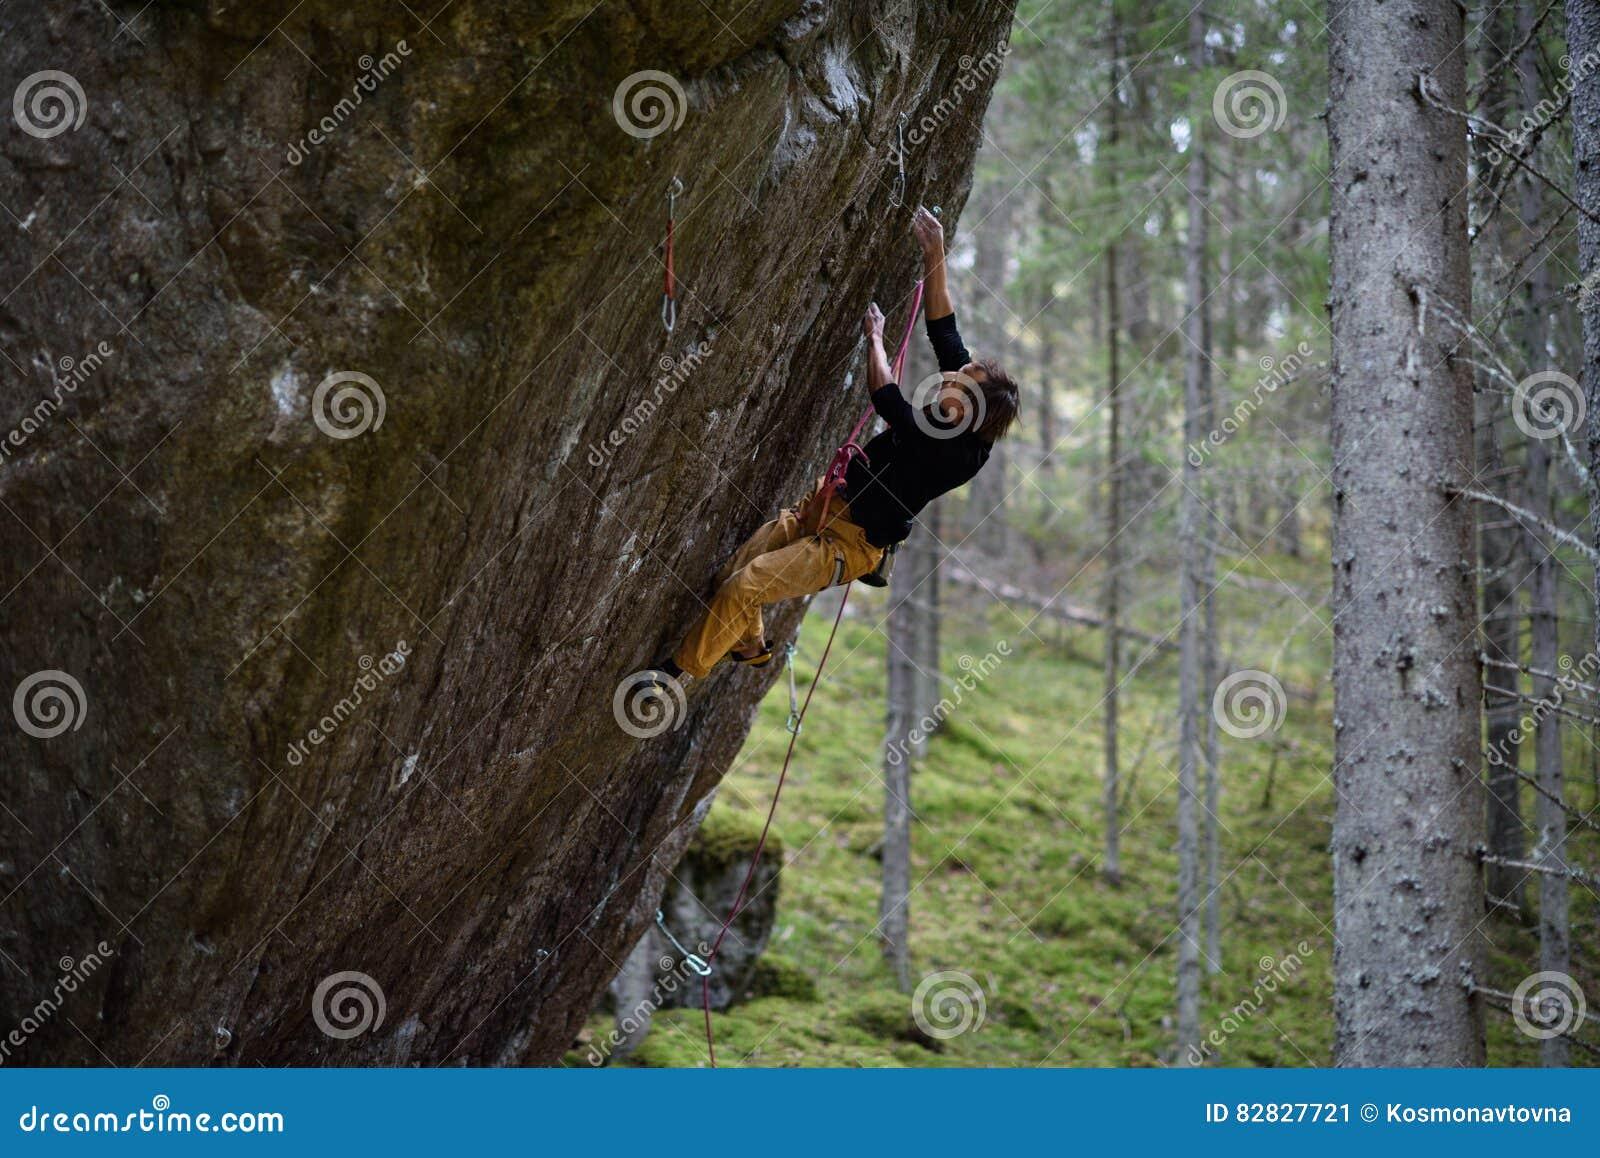 Montanhista de rocha em uma subida desafiante Escalada extrema Esportes de inverno originais Natureza escandinava